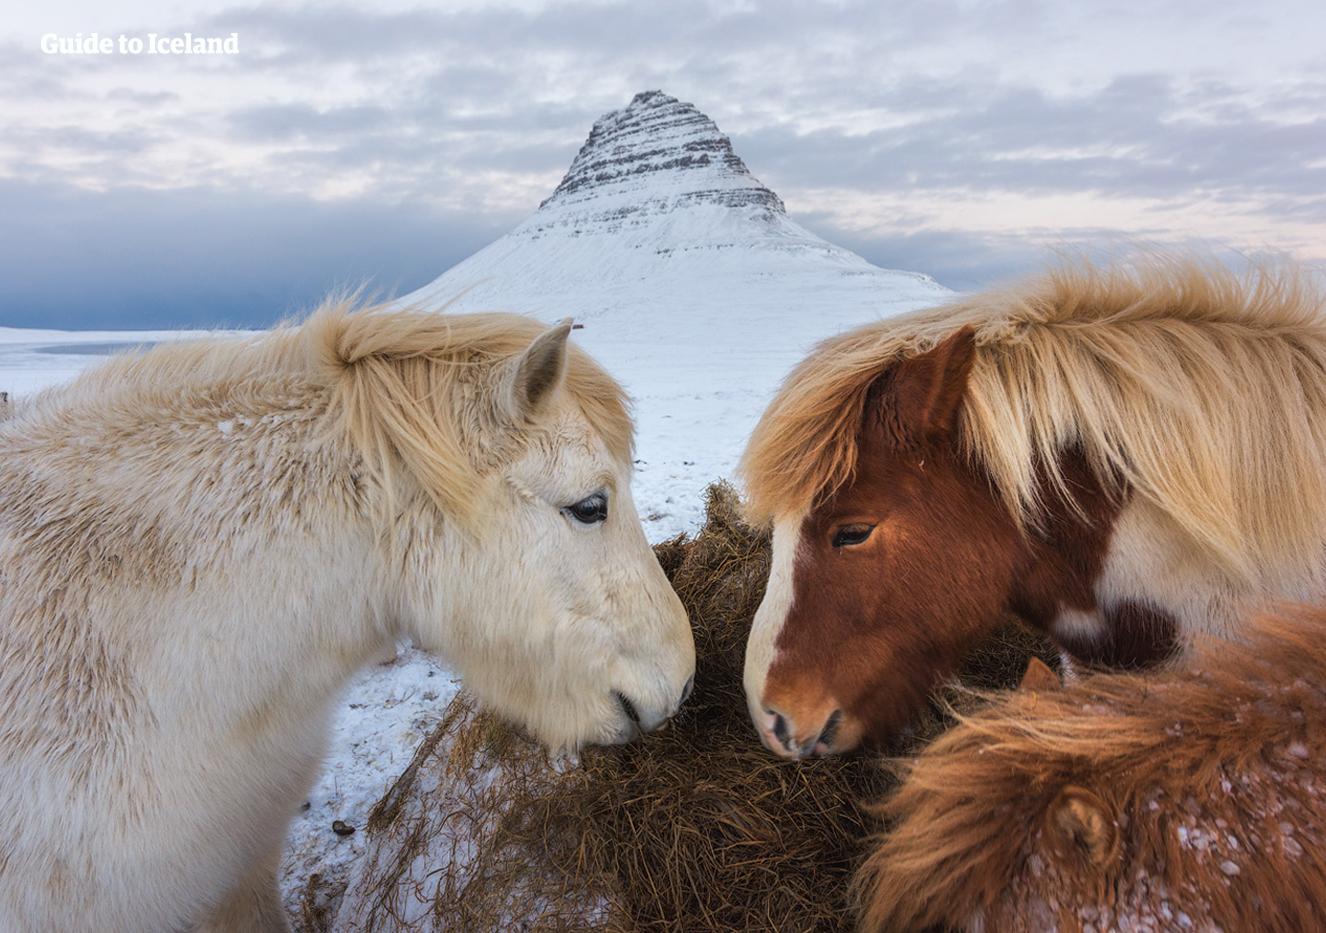 Islandshester og det ikoniske fjellet Kirkjufell på halvøya Snæfellsnes.